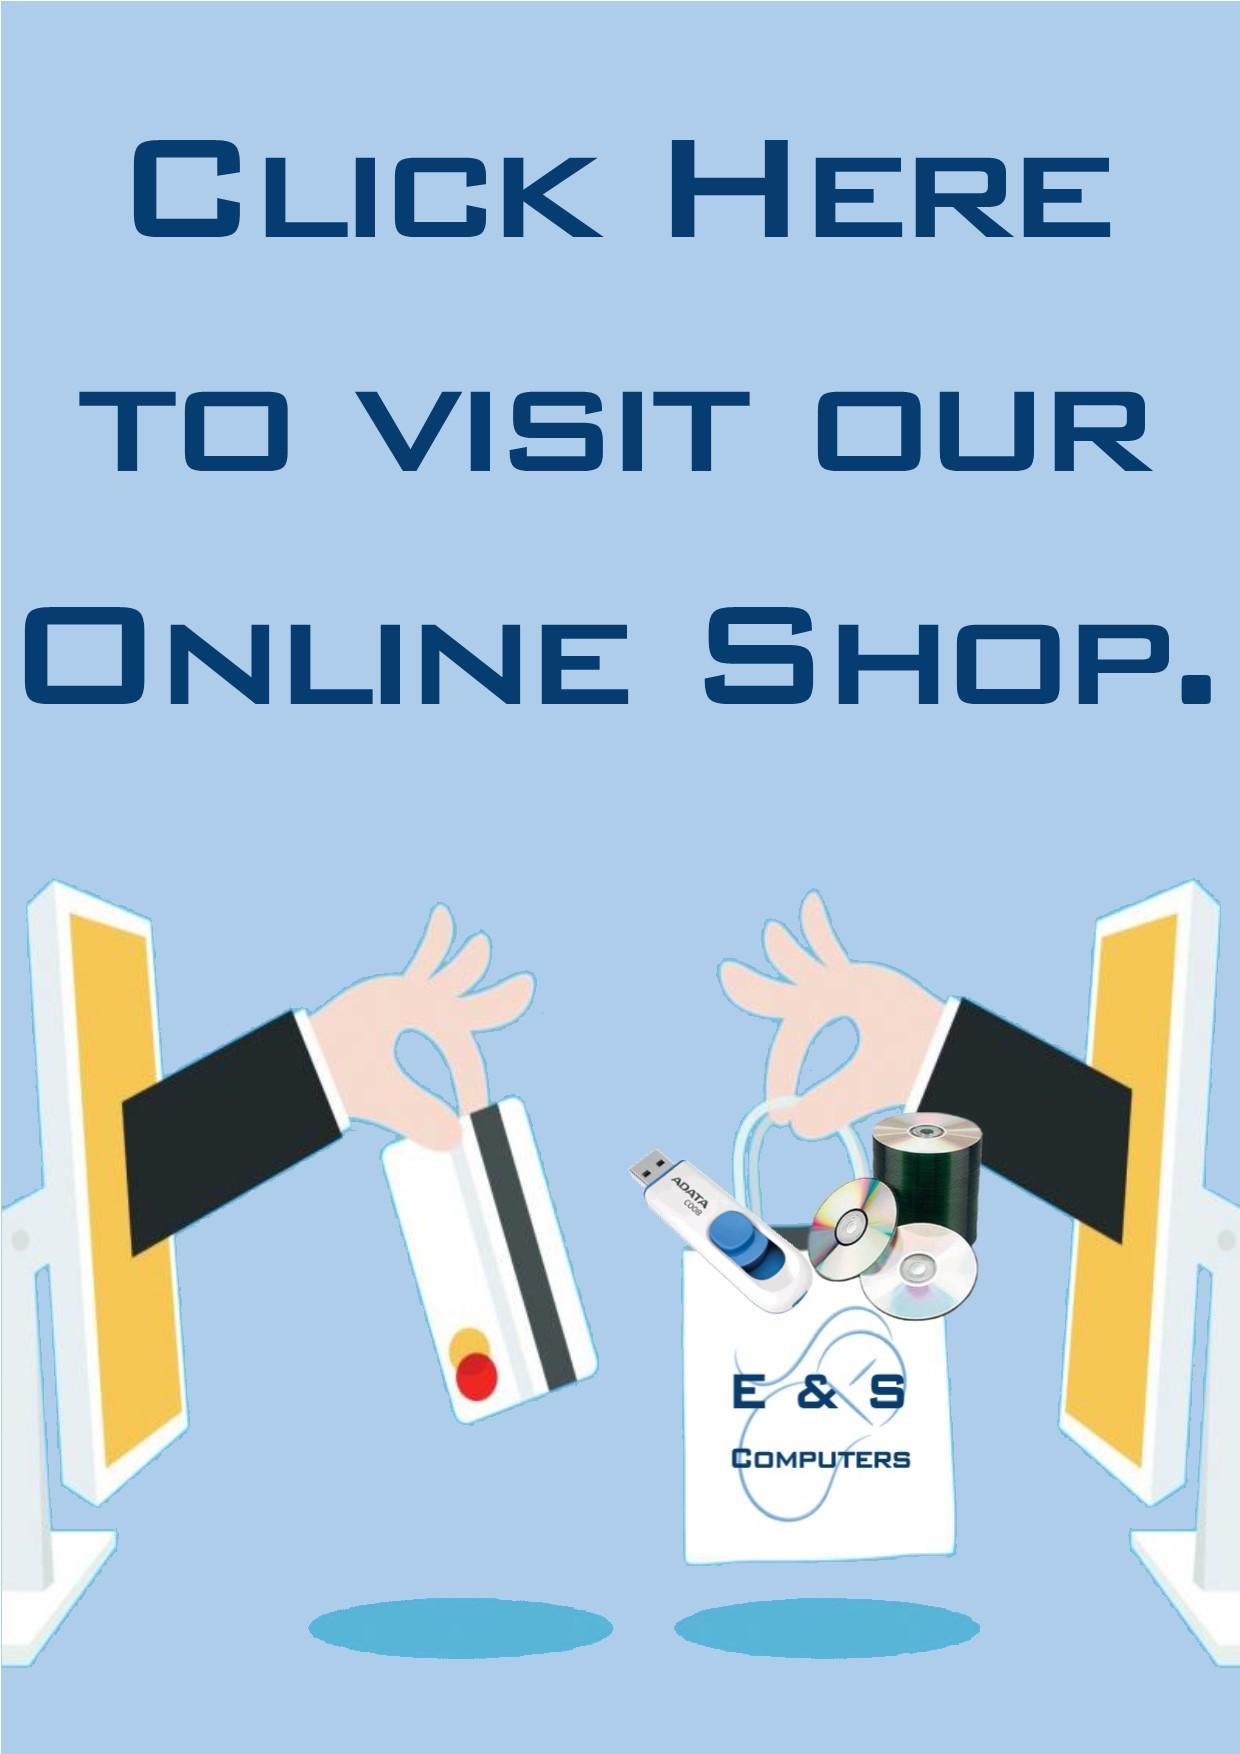 E & S Computers Online Shop